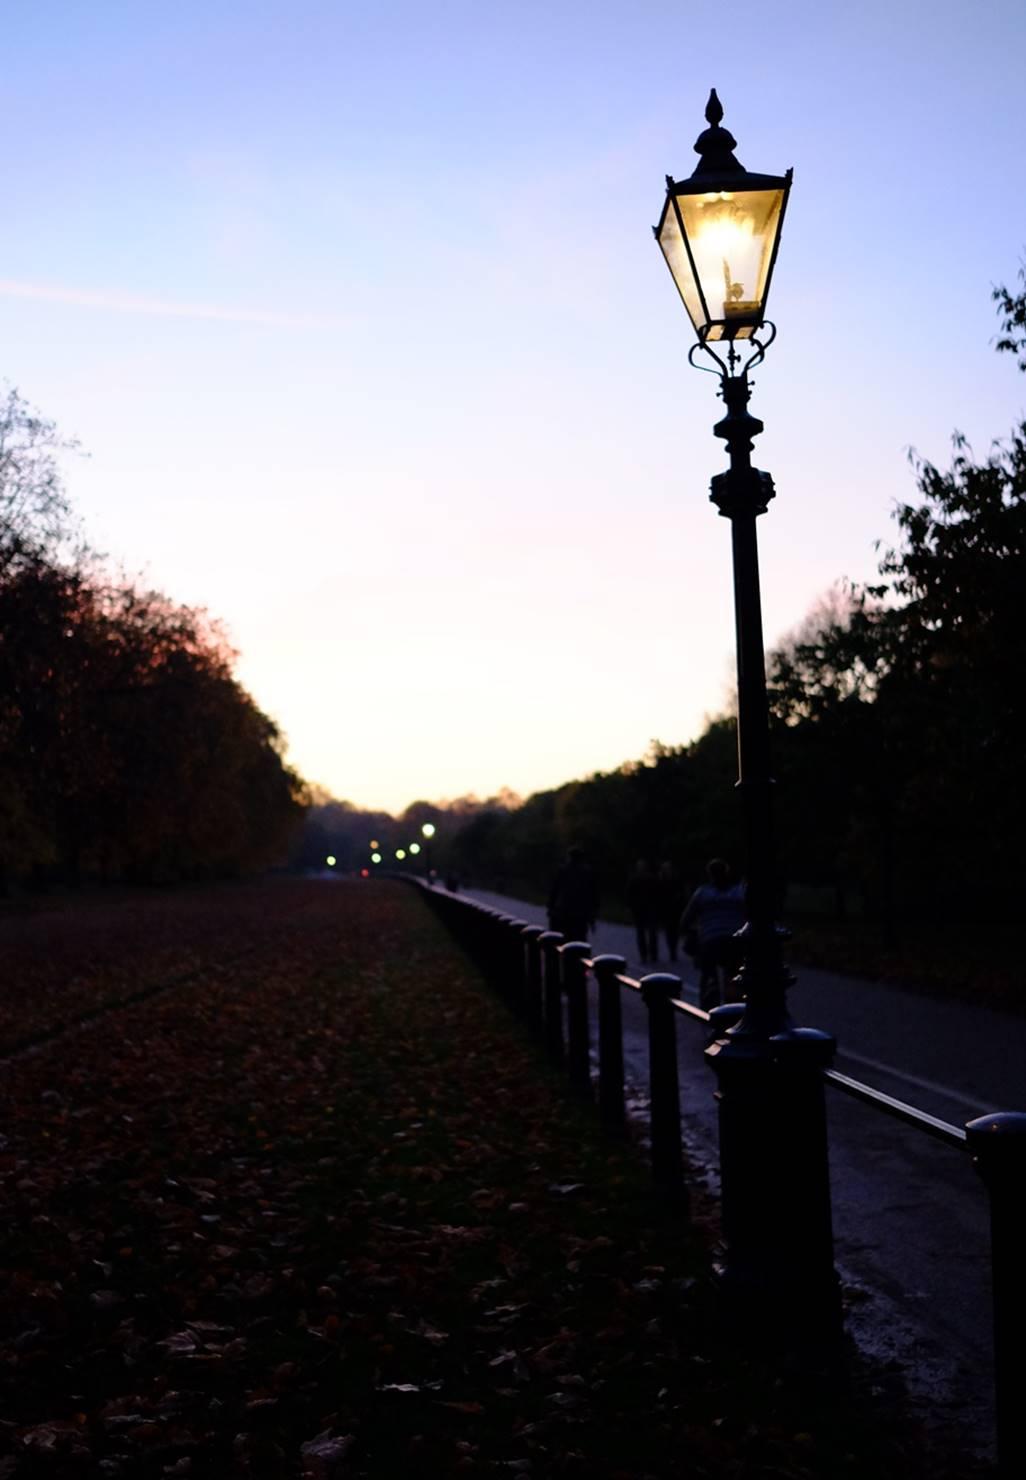 street leds london led blog lights lighting lamp flexfire sm